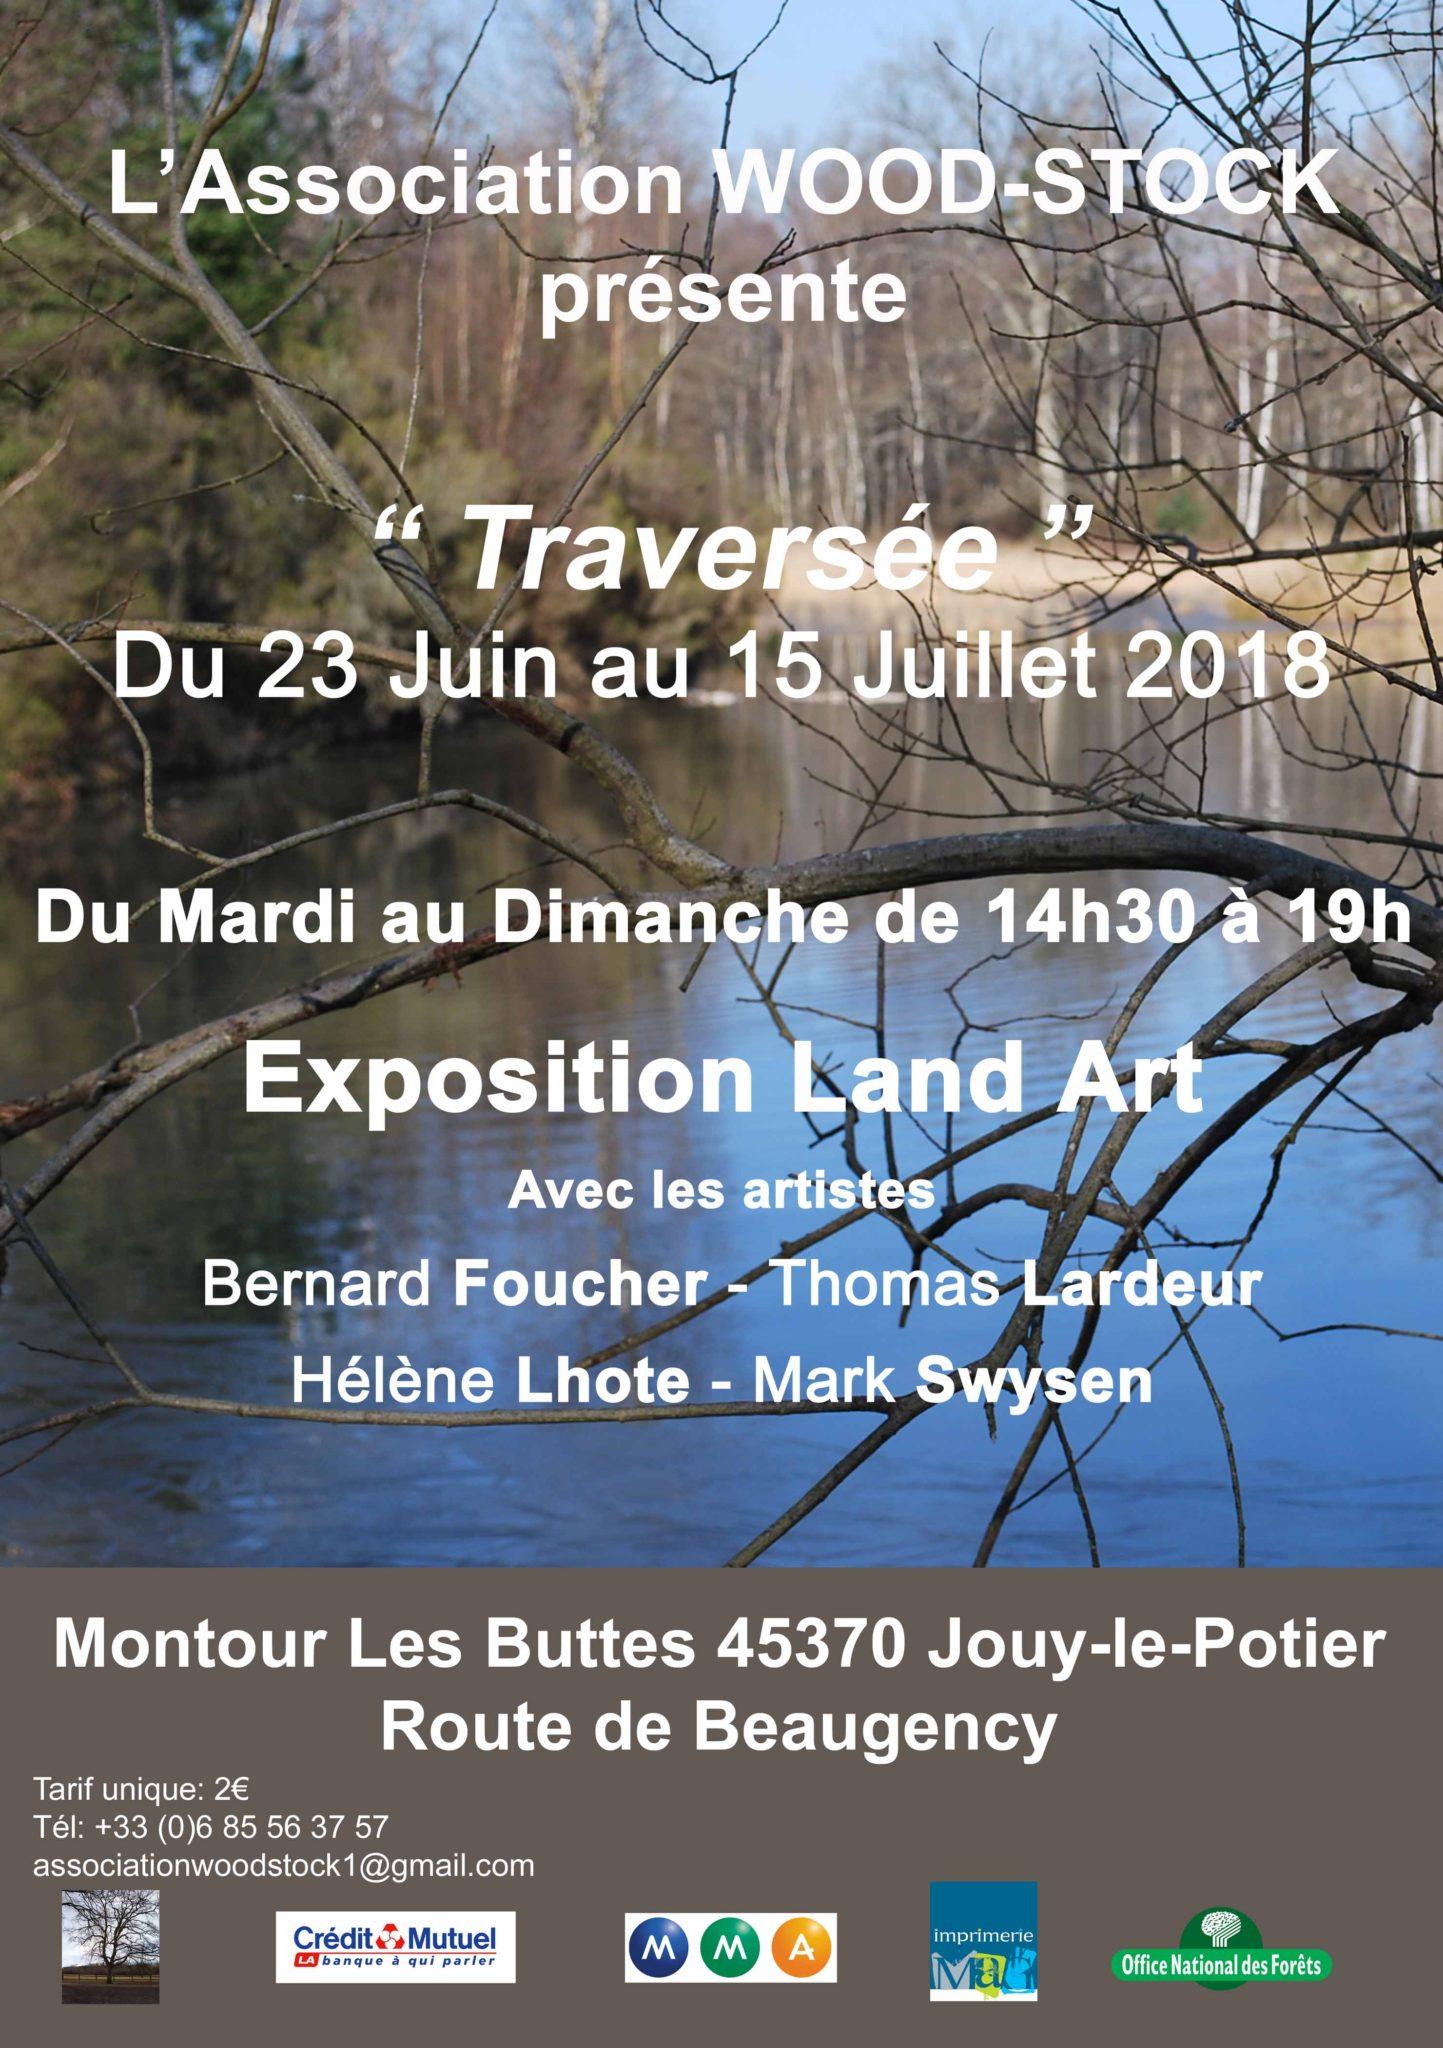 WOOD-STOCK « Traversée » Exposition Land Art en Sologne